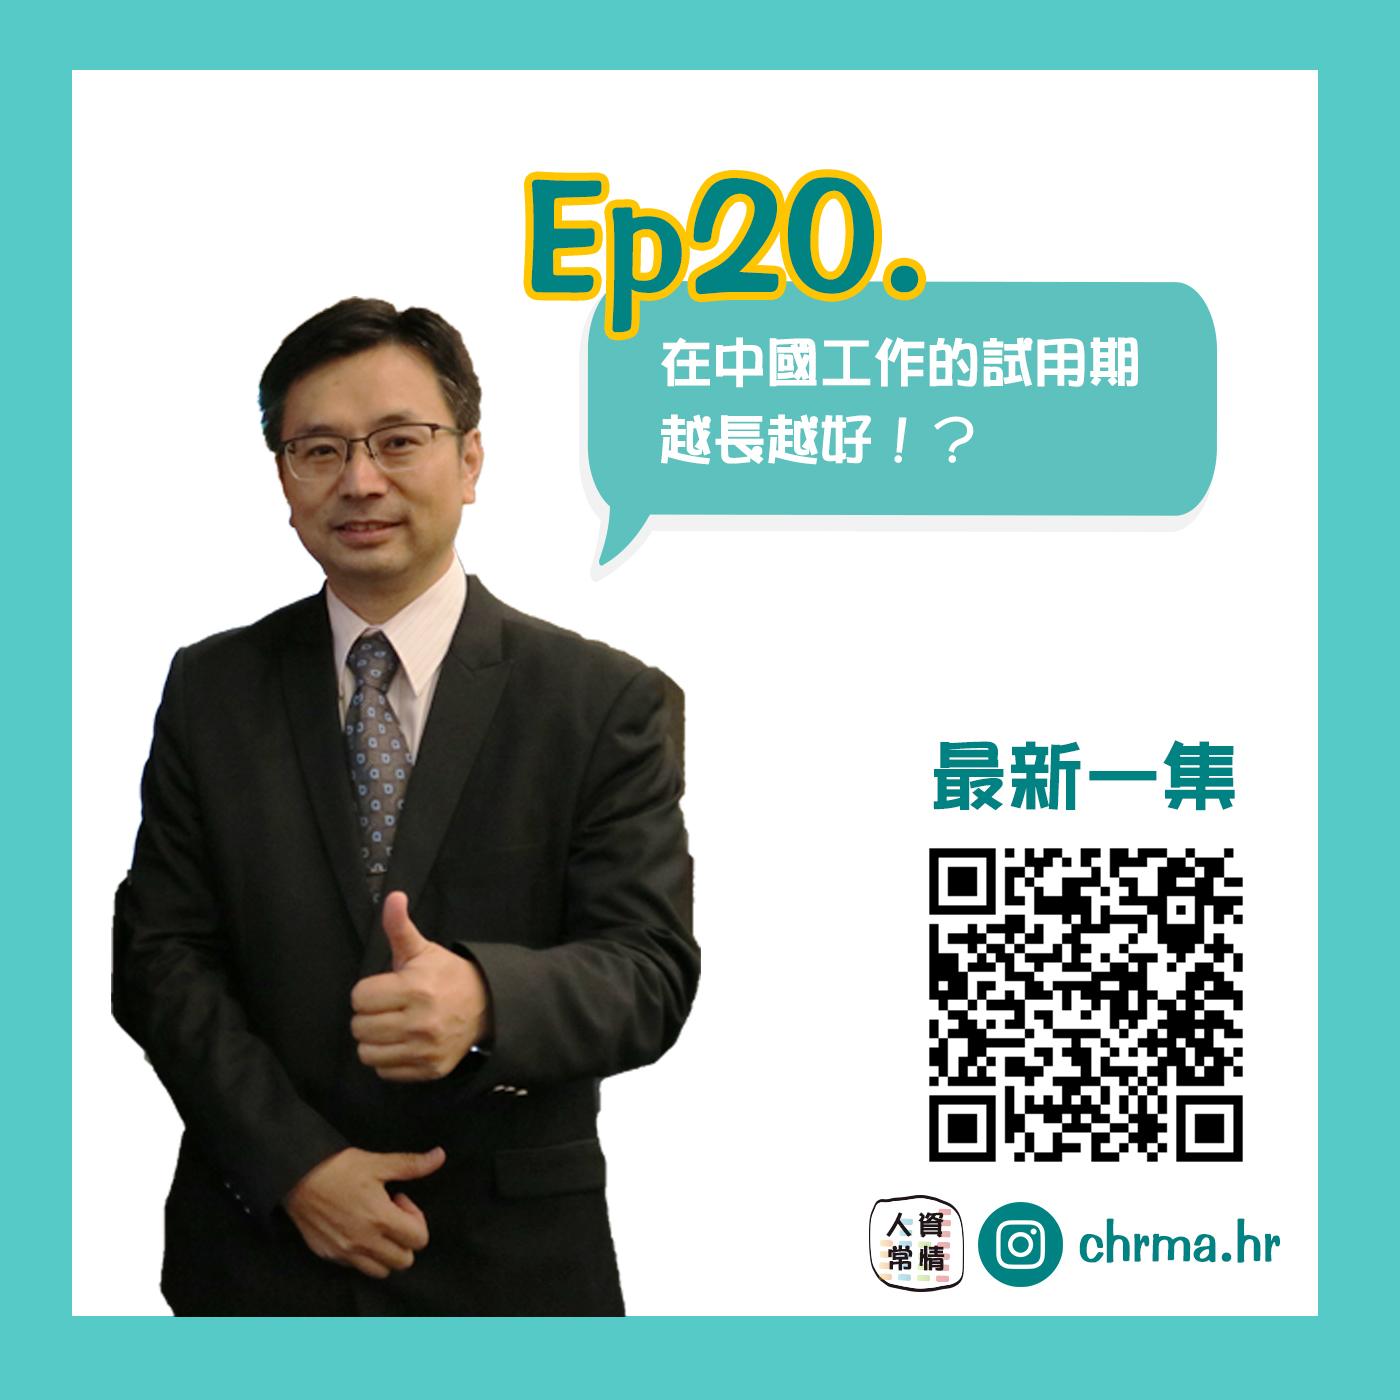 EP20|人資十分鐘 - 中國的試用期越長越好!?feat.饒德民老師